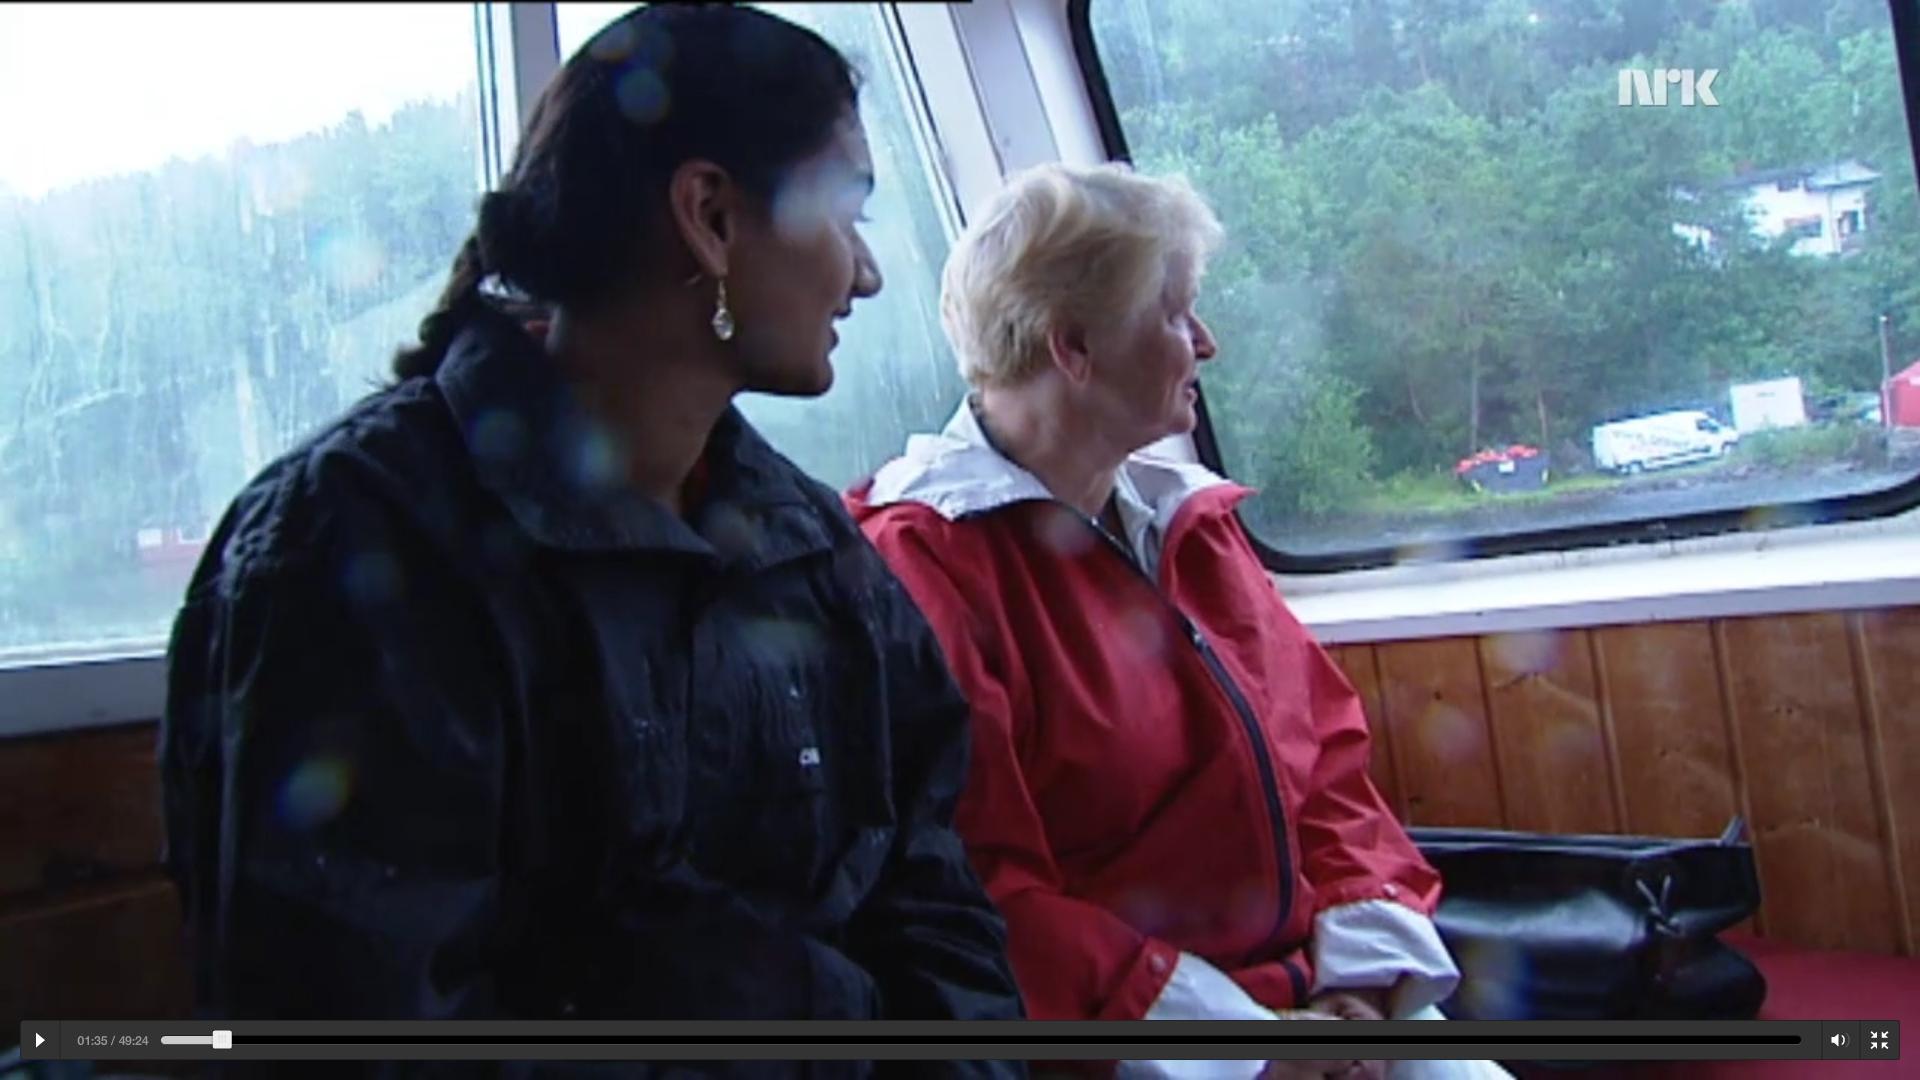 I NRK-dokumentaren 22.07.2011, følger et filmteam Gro Harlem Brundtland på ferden over fra landsiden til Utøya med MS Thorbjørn. Her ser vi Bislet Bilutleie-bilen stå parkert rett ved siden av kaia på landsiden.